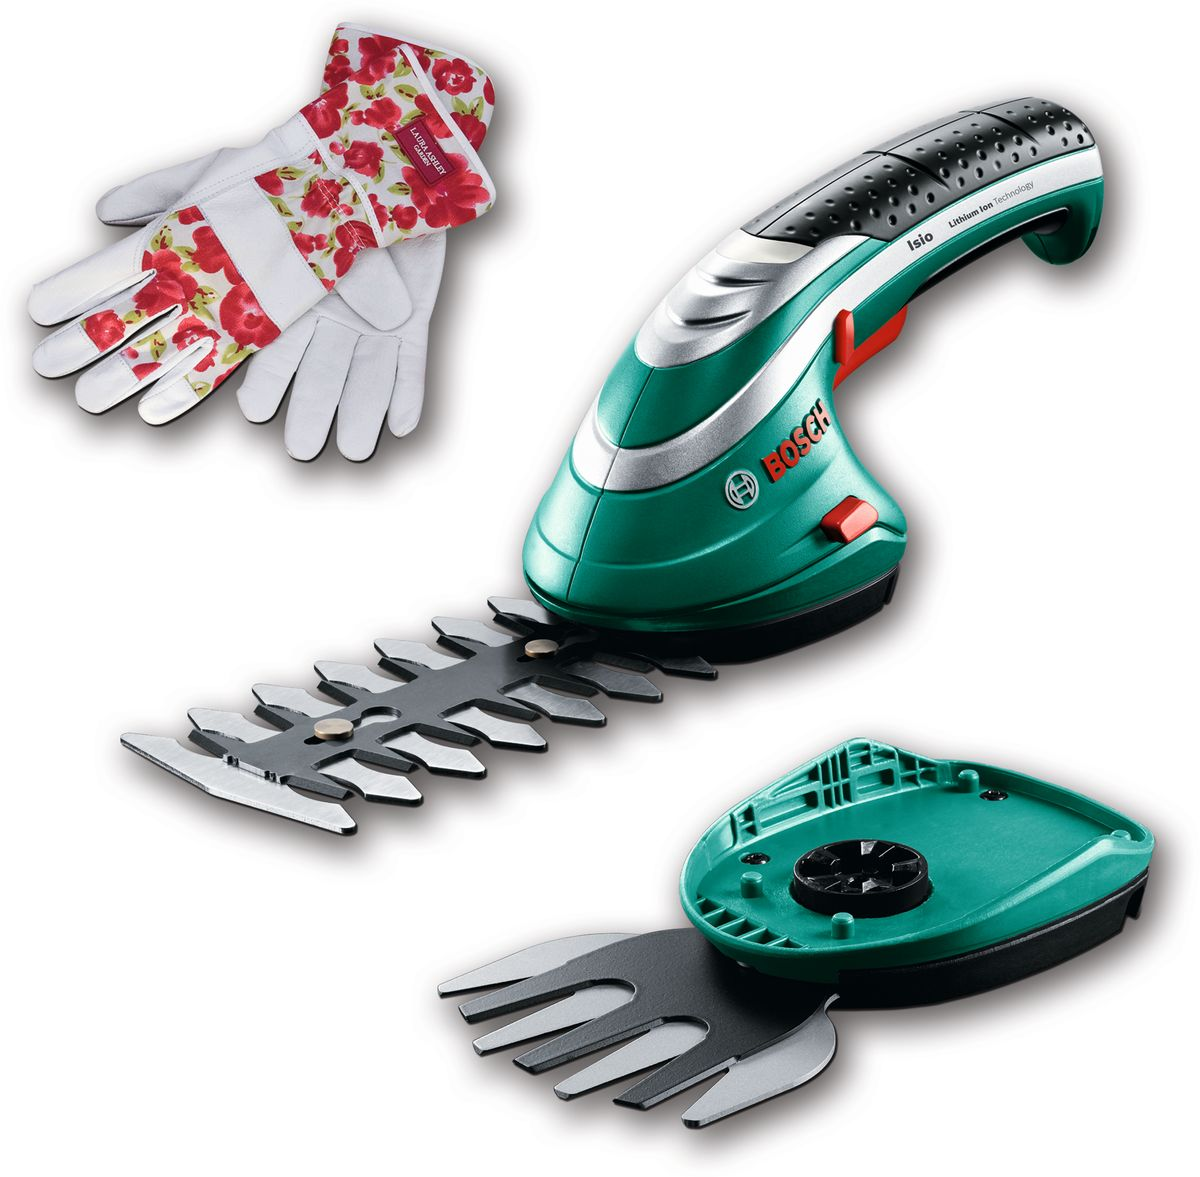 Аккумуляторные ножницы Bosch ISIO 3 для травы и кустов + перчатки Laura Ashley. 060083310MF0150739RAАккумуляторный легкий инструмент Isio в сочетании с универсальной системой Multi-Click необходим каждому садоводу, которому нужно выполнять работы по обрезке в саду. Литий-ионный аккумулятор 3,6 В (1,5 А/ч) обеспечивает работу до 50 минут, а малый вес позволяет выполнять обрезку и стрижку без усилий.Ножницы для травы оснащены швейцарскими ножами шириной 80 мм, а кусторез – ножами длиной 120 мм.Технические данные:Время зарядки аккумулятора 3,5 чИндикатор заряда. Удобный 4-ступенчатый светодиодный индикатор зарядаПростая замена насадок благодаря системе SDSКомплект поставки:зарядное устройствоНож для травы Multi-Click 8 см (F 016 800 326)Нож для кустореза Multi-Click 12 см (F 016 800 327)Прочные стильные перчатки от дизайнера Laura Ashley